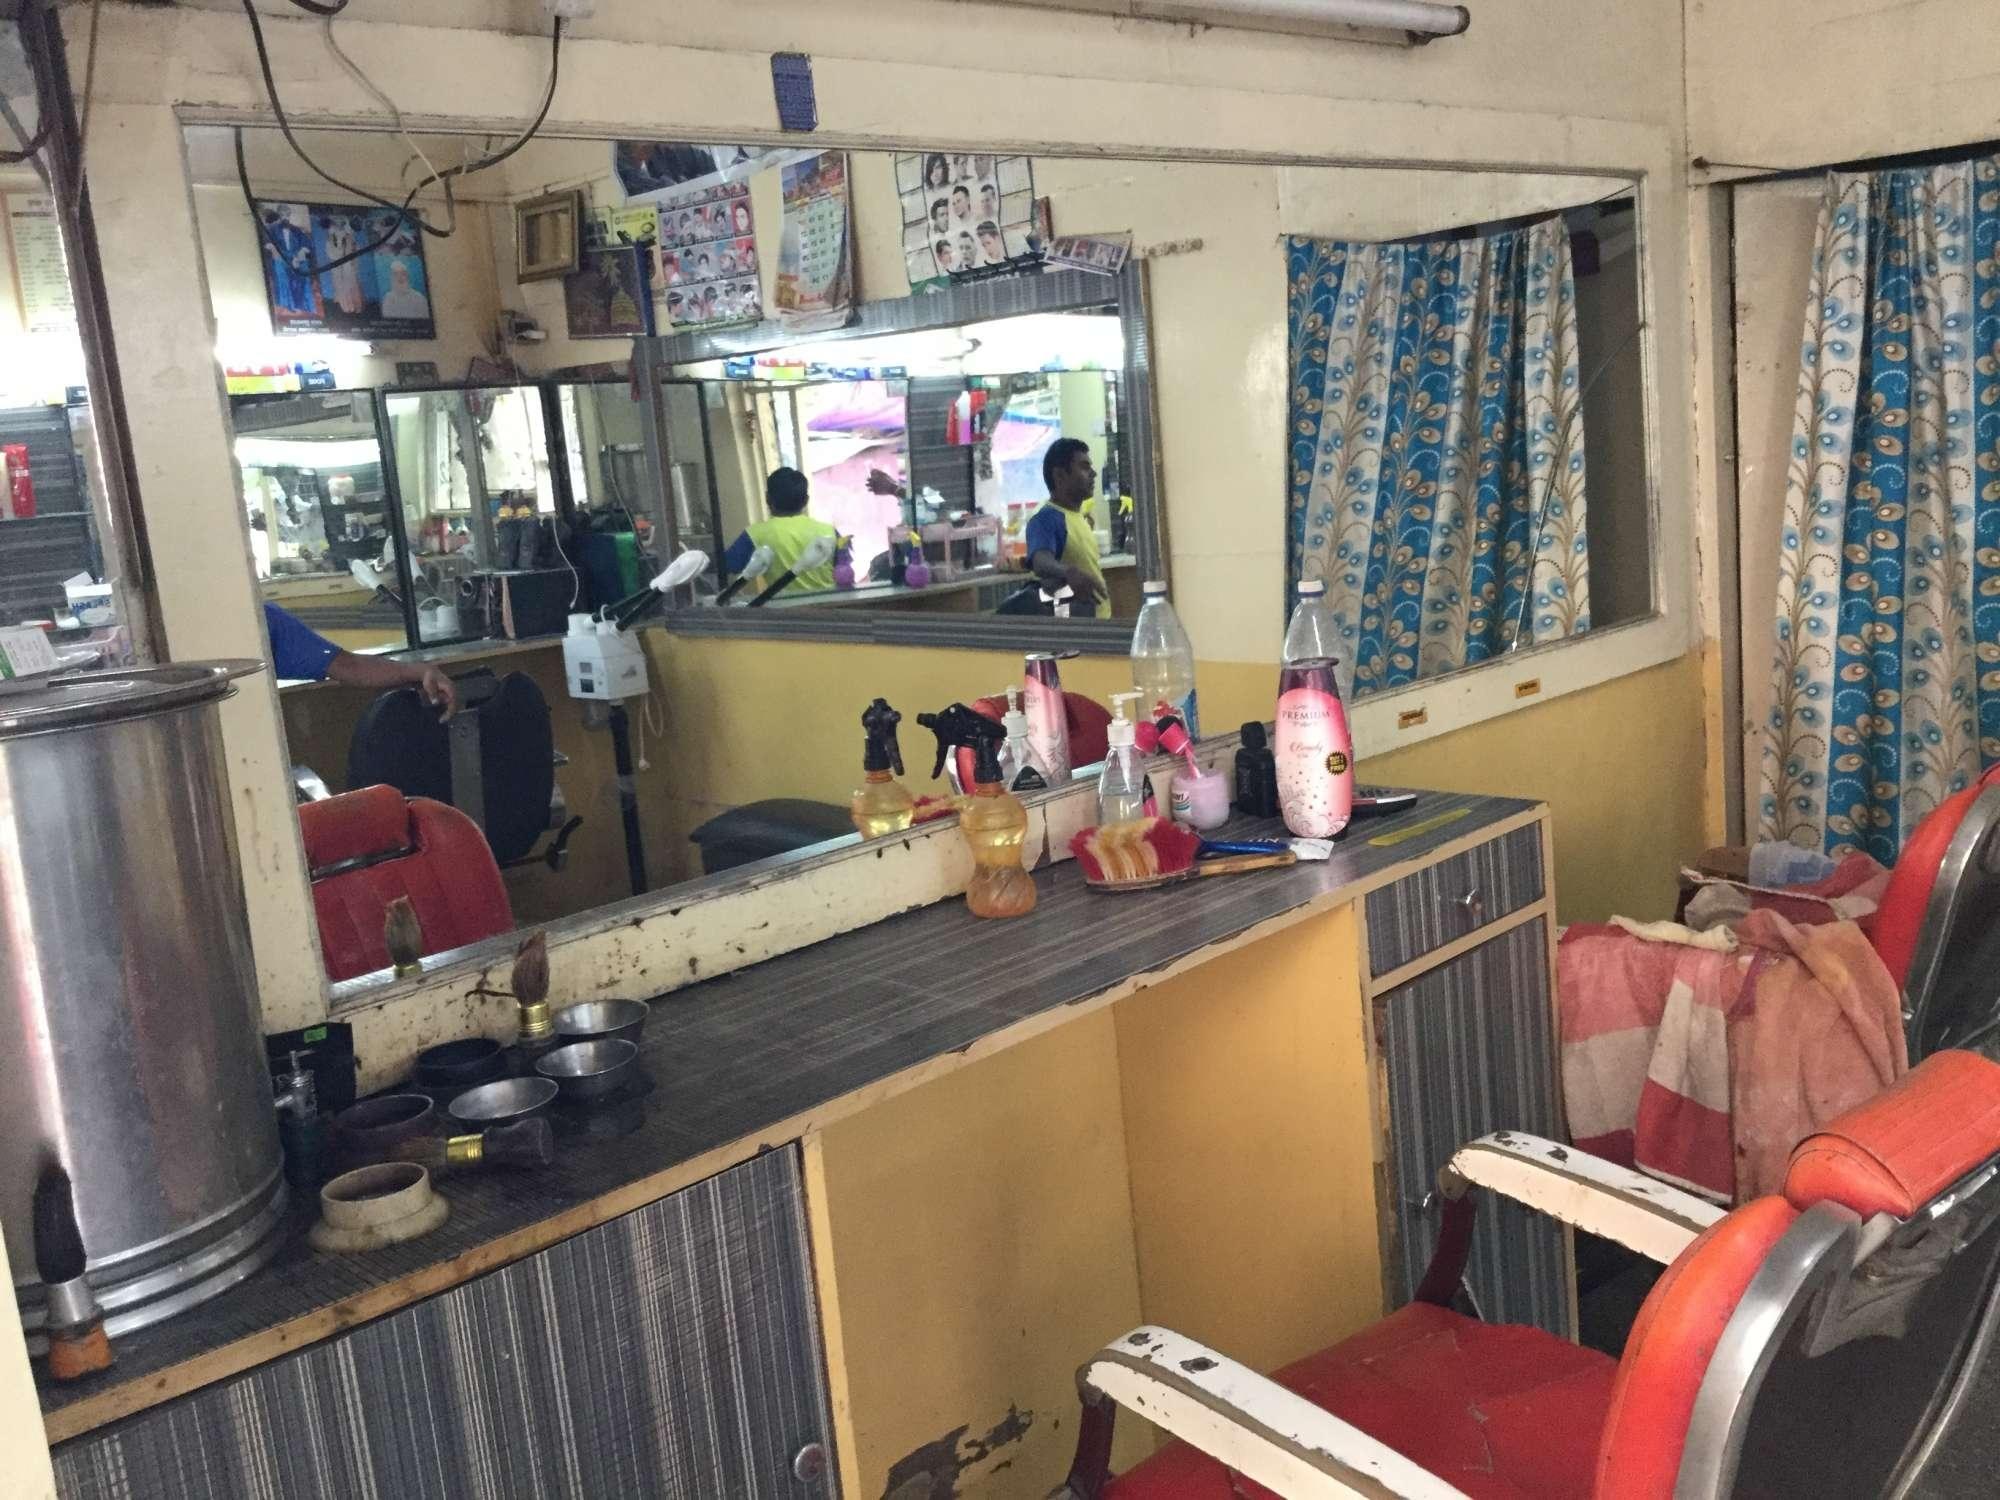 Shabina Hair Cut Salon Photos, Aundh, Pune- Pictures & Images in Haircut Salon In Aundh Pune